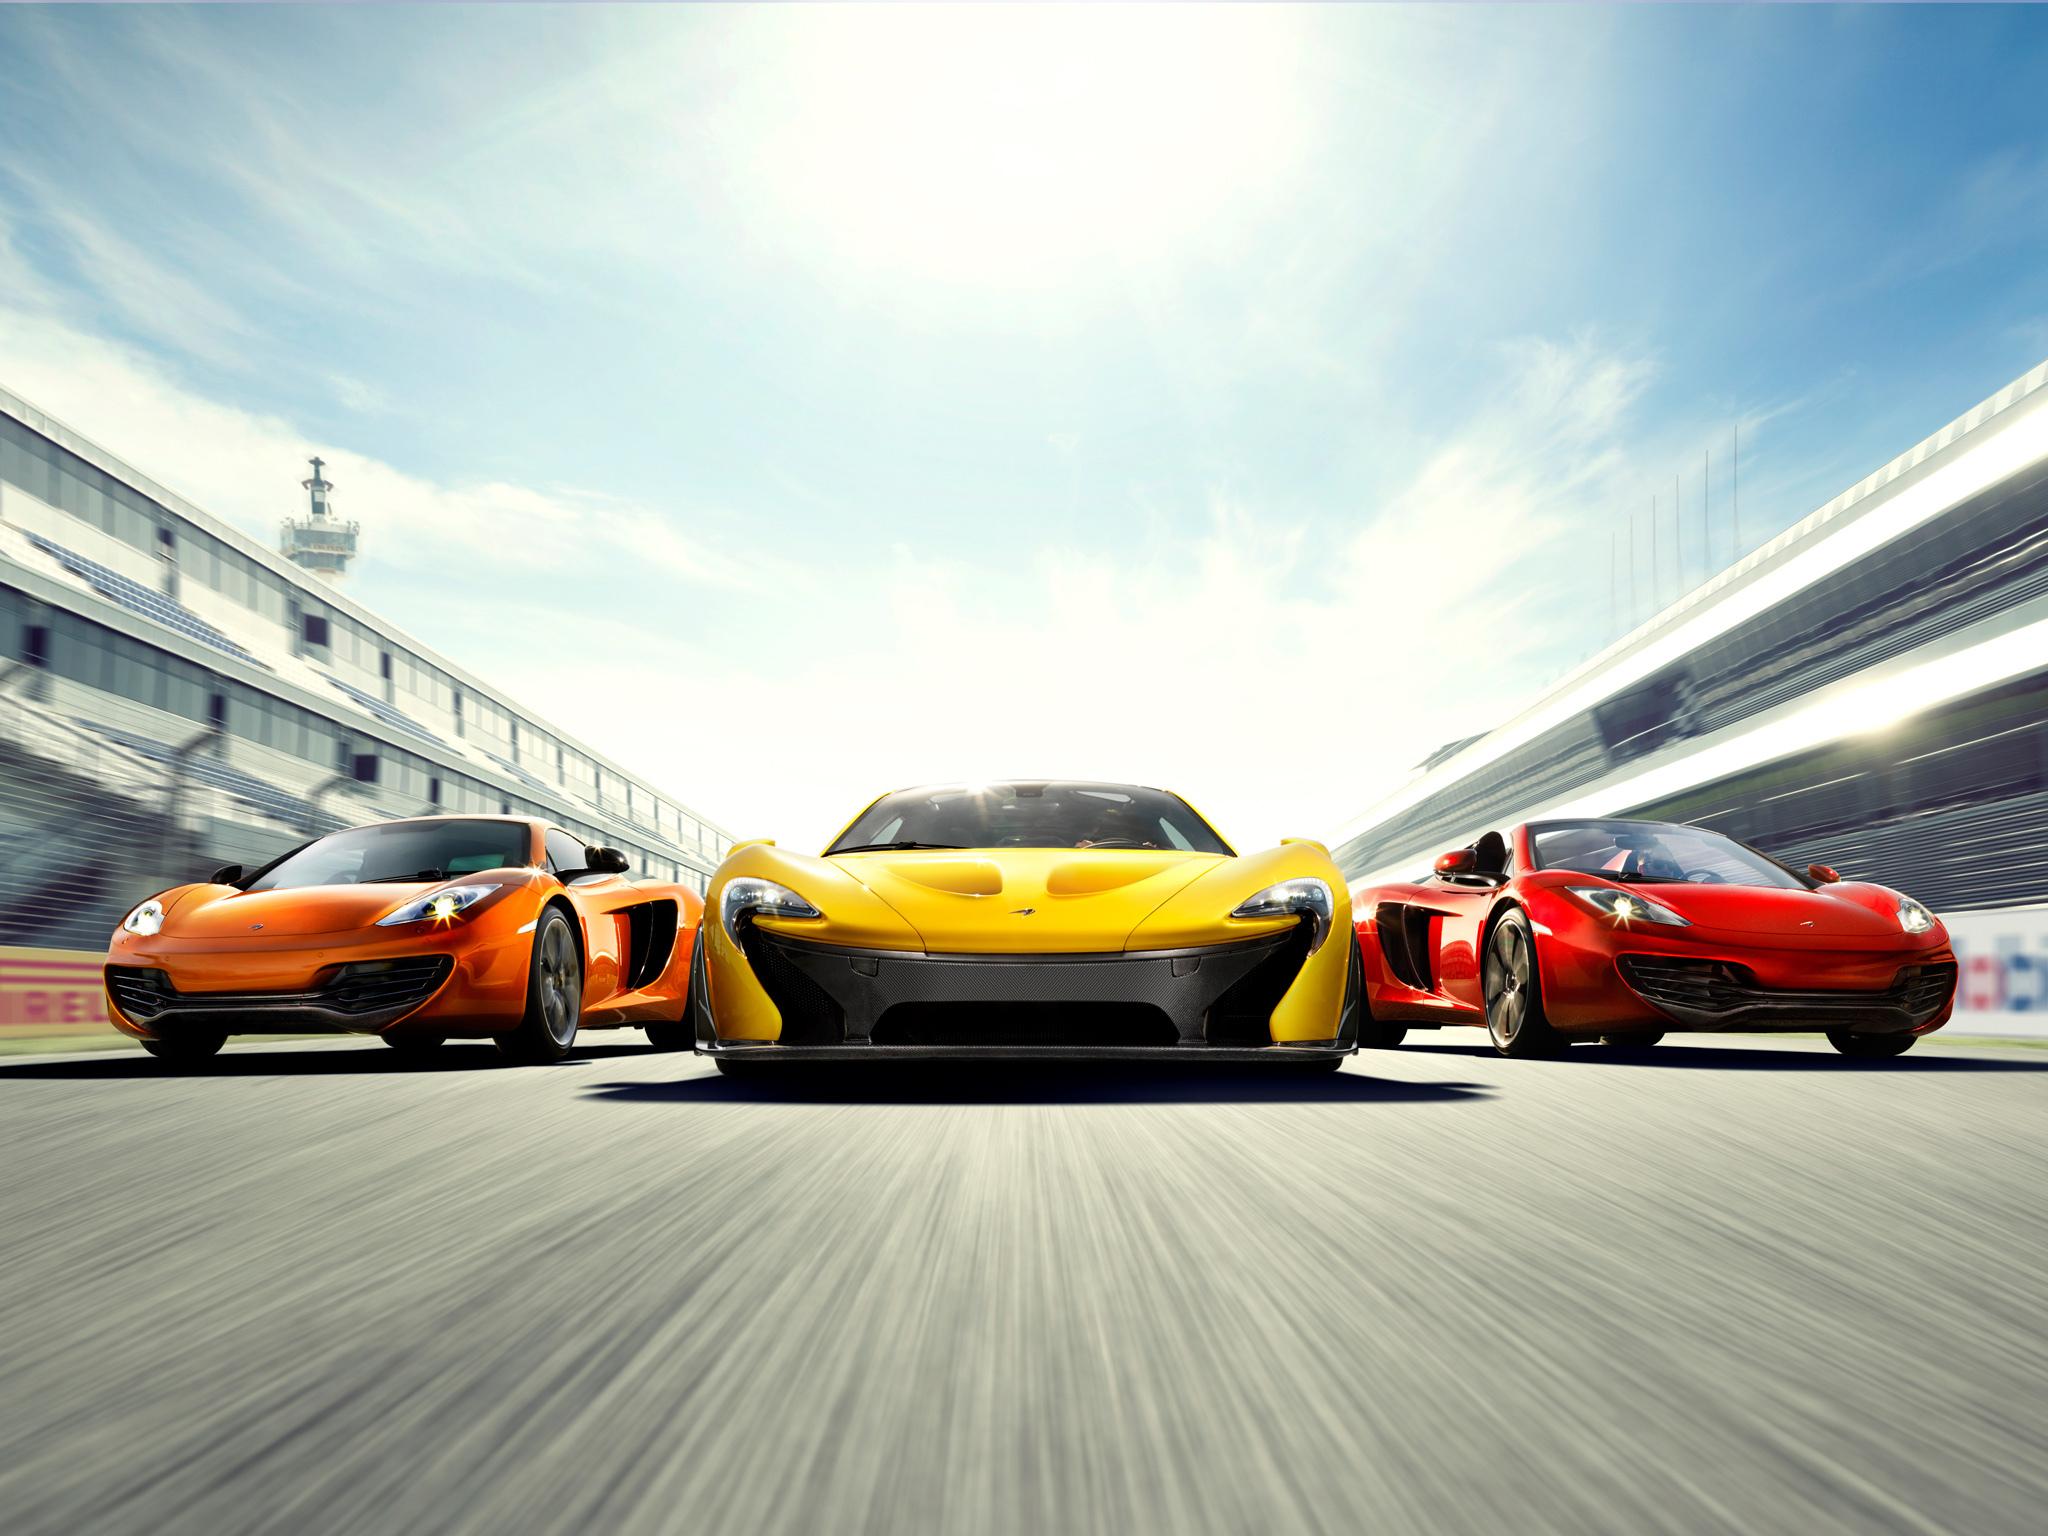 Красный спортивный автомобиль гонка mclaren p1 без смс